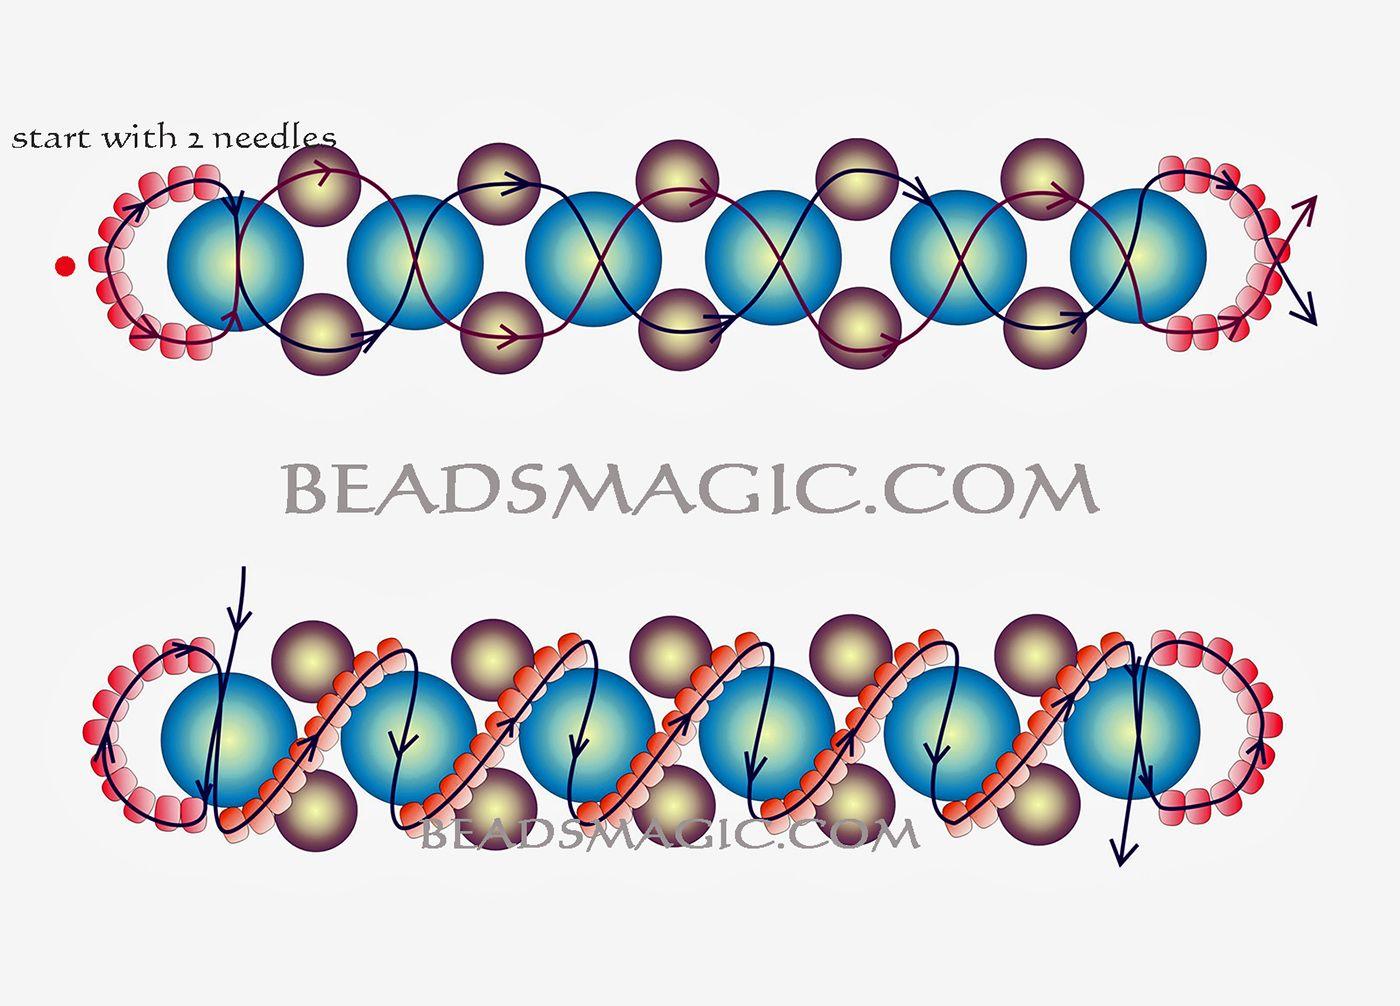 Free Pattern For Beaded Bracelet Pamela U Need Seed Beads 11 X2f 0 Pearl Beads 8 1 Beaded Bracelet Patterns Beaded Jewelry Patterns Beaded Bracelets Tutorial